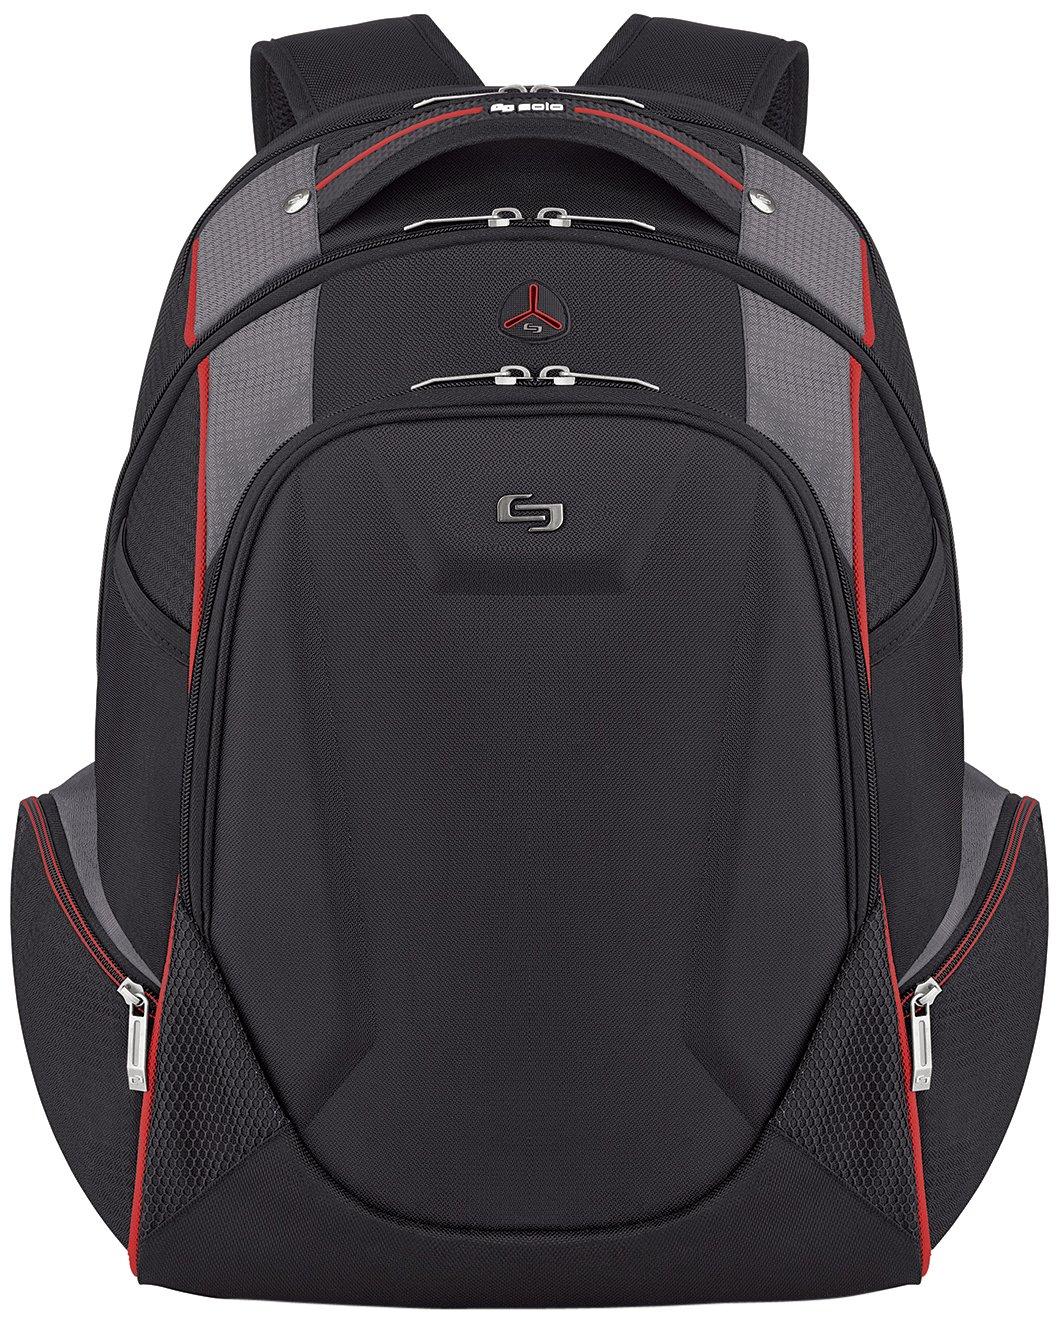 SOLOD ACV711-4 17.3-Inch Laptop Backpack, Black